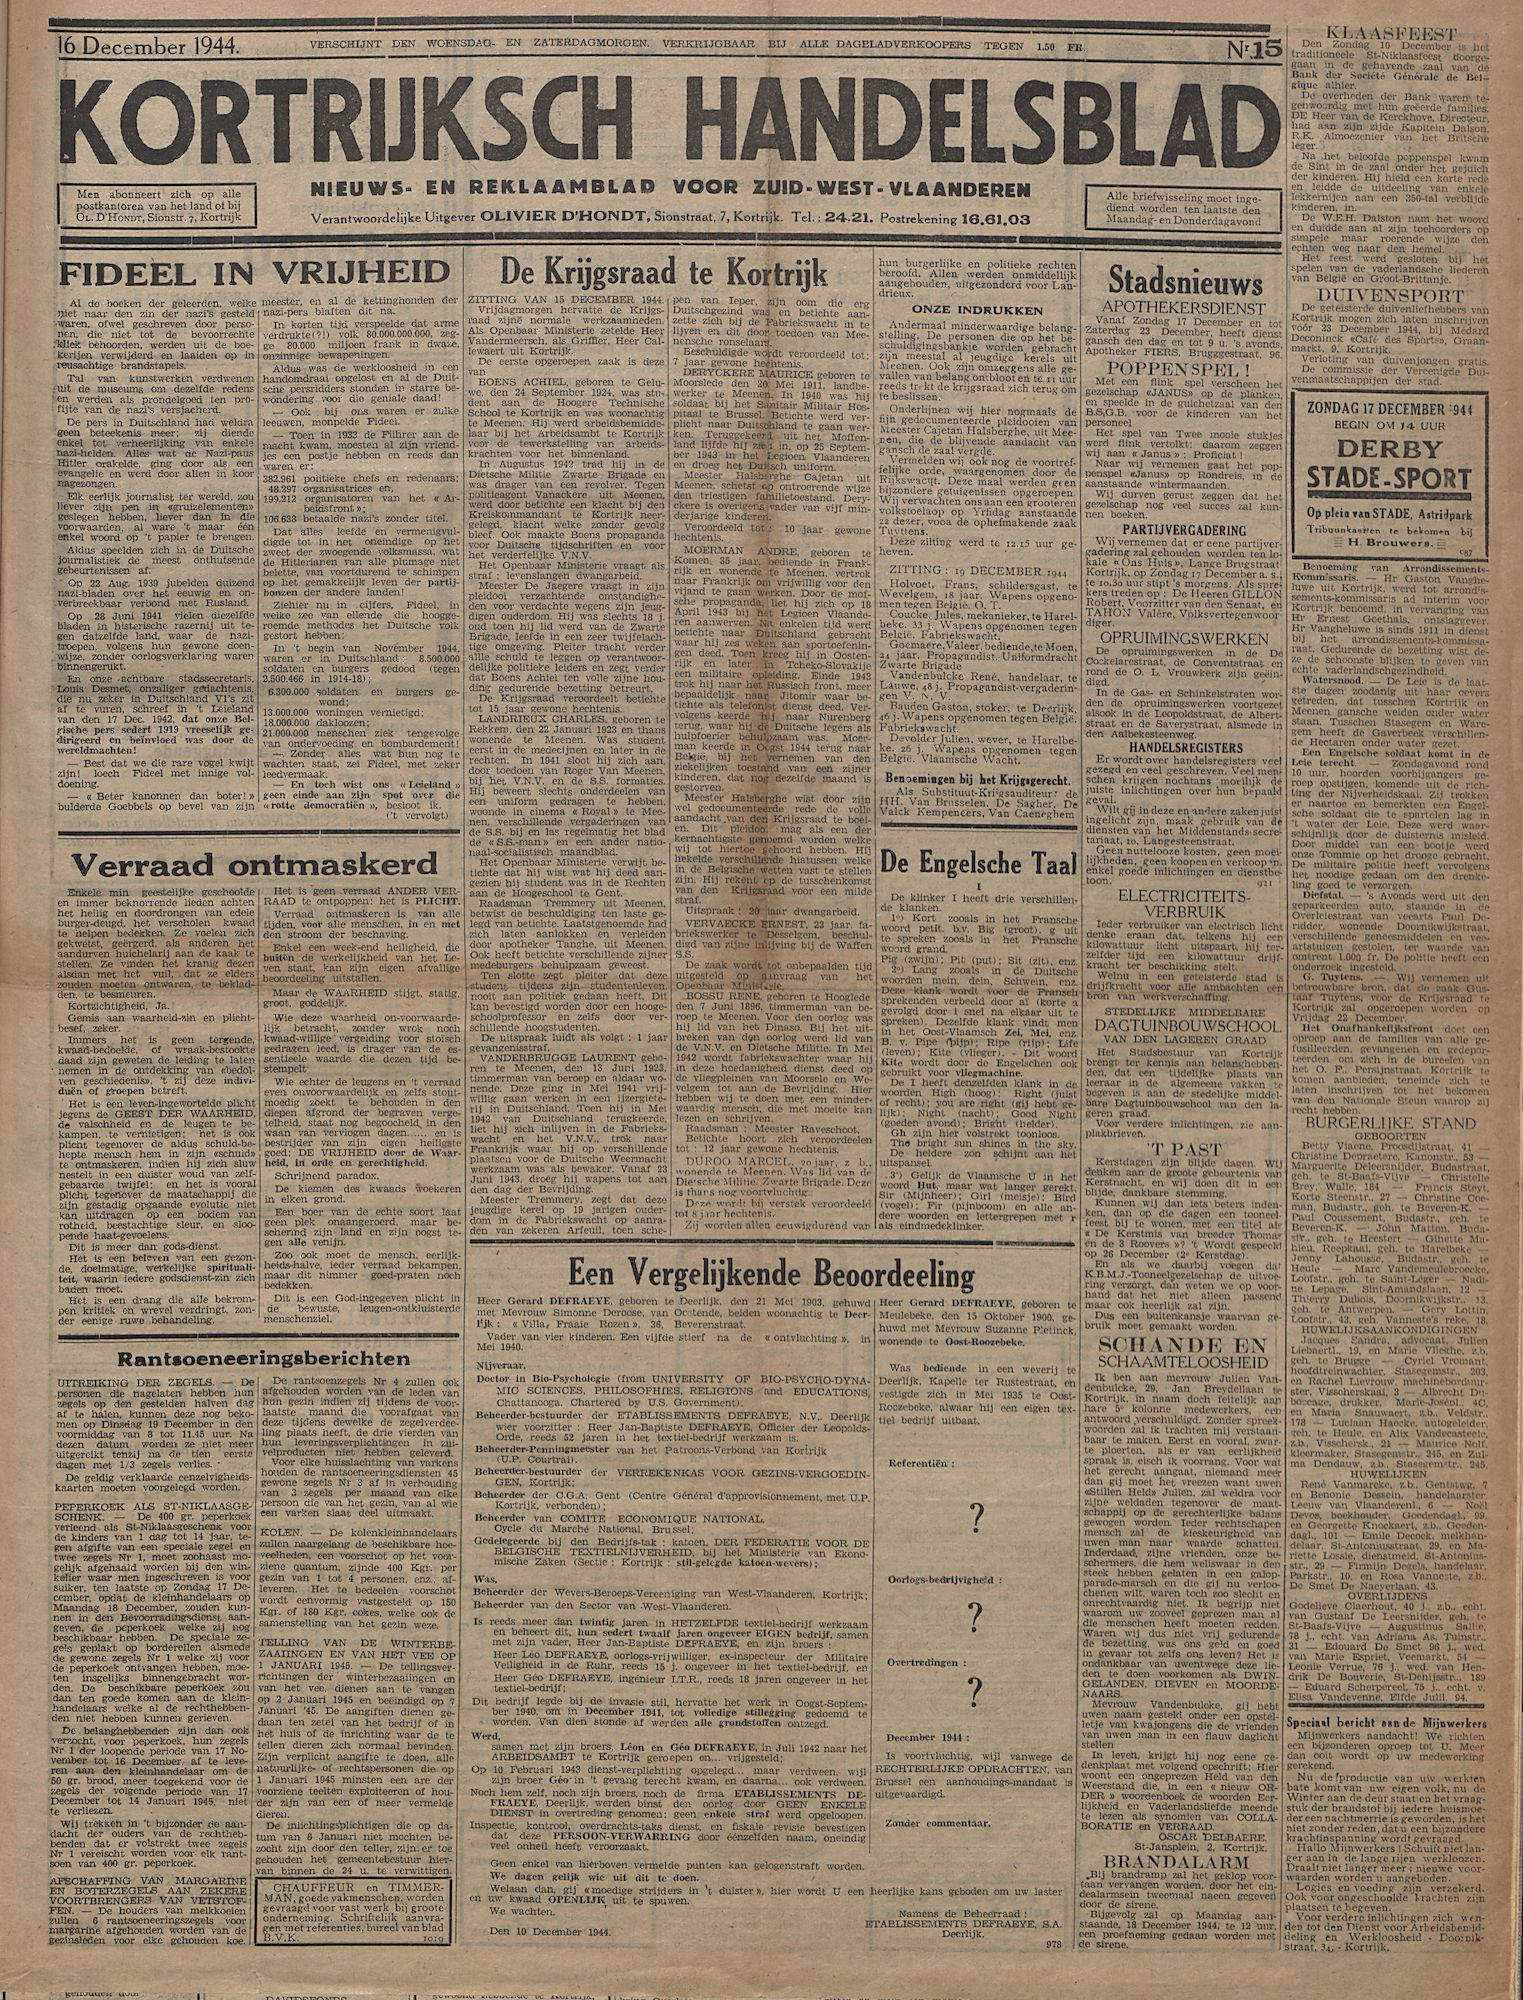 Kortrijksch Handelsblad 16 december 1944 Nr15 p1